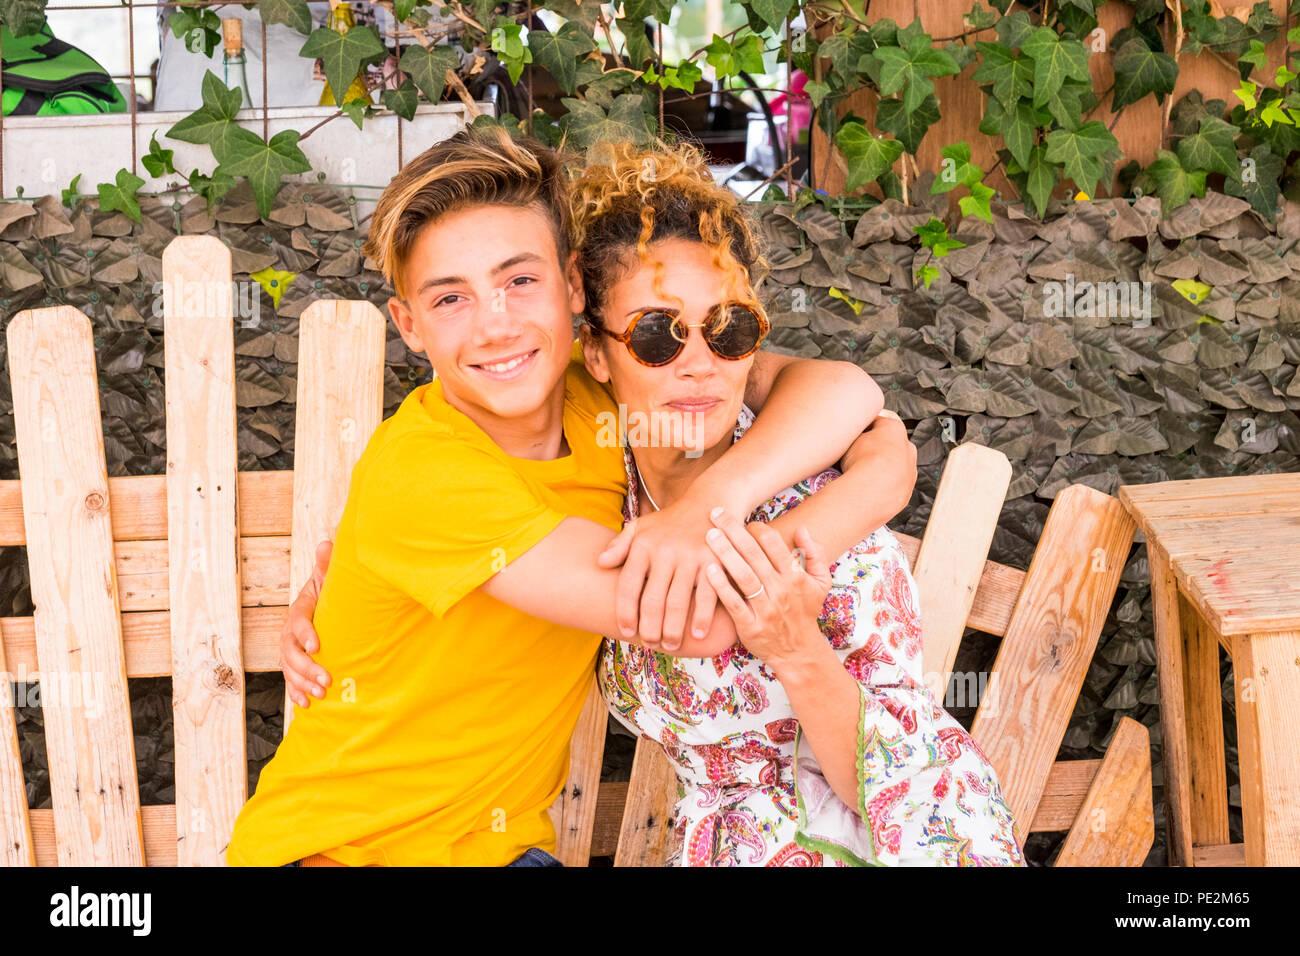 Mutter und Sohn umarmen mit Lächeln und genießen Freizeit gemeinsam mit Liebe. Familie Teenager Junge 14 Jahre alt und Mama 43 Spaß auf einem wodd haben werden. Stockbild